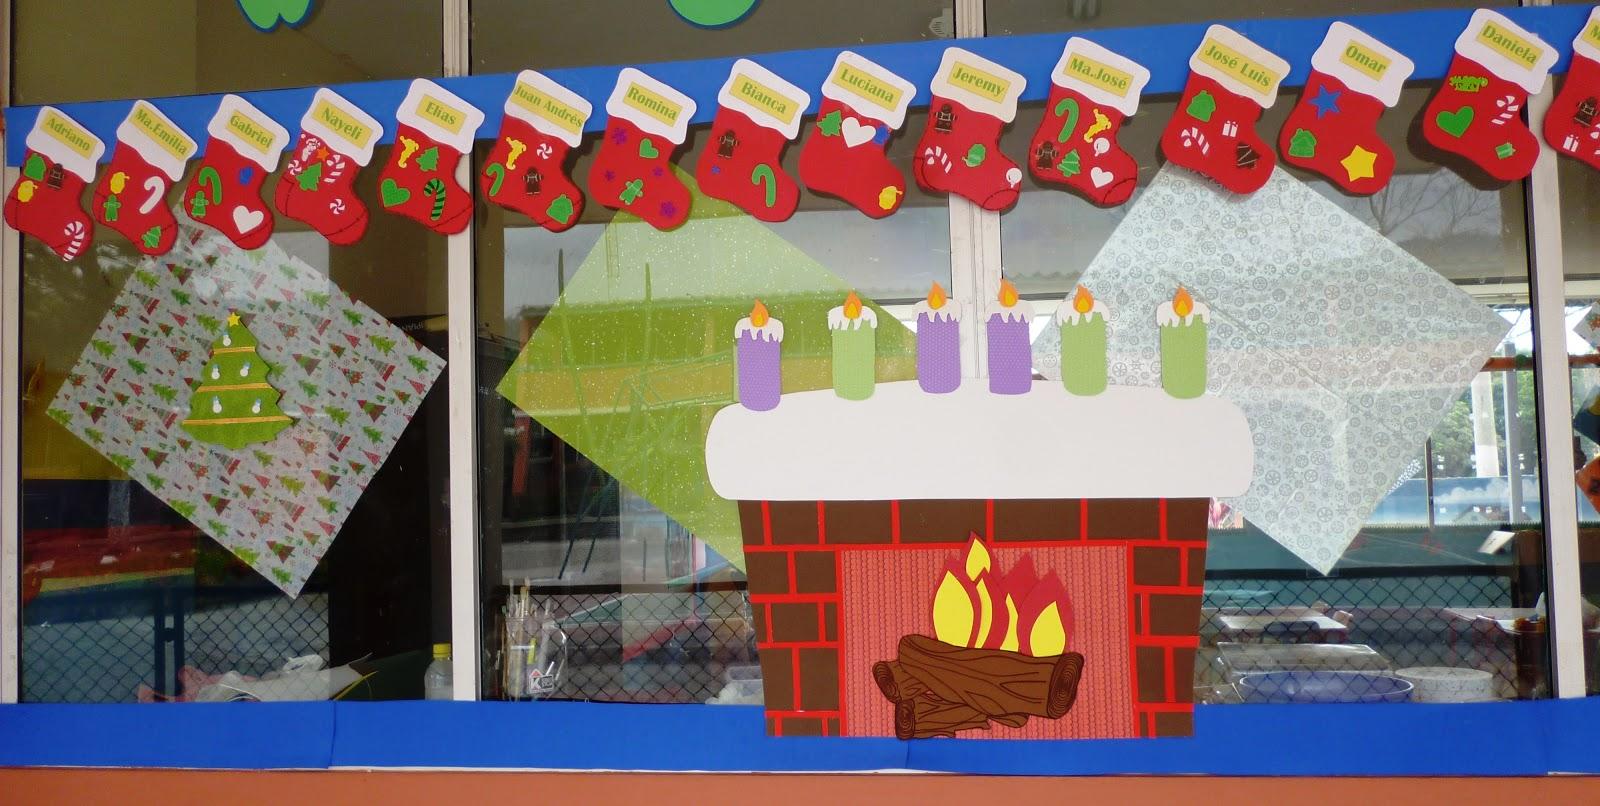 Educaci n inicial para todos adornos de navidad para el - Chimeneas decoradas para navidad ...